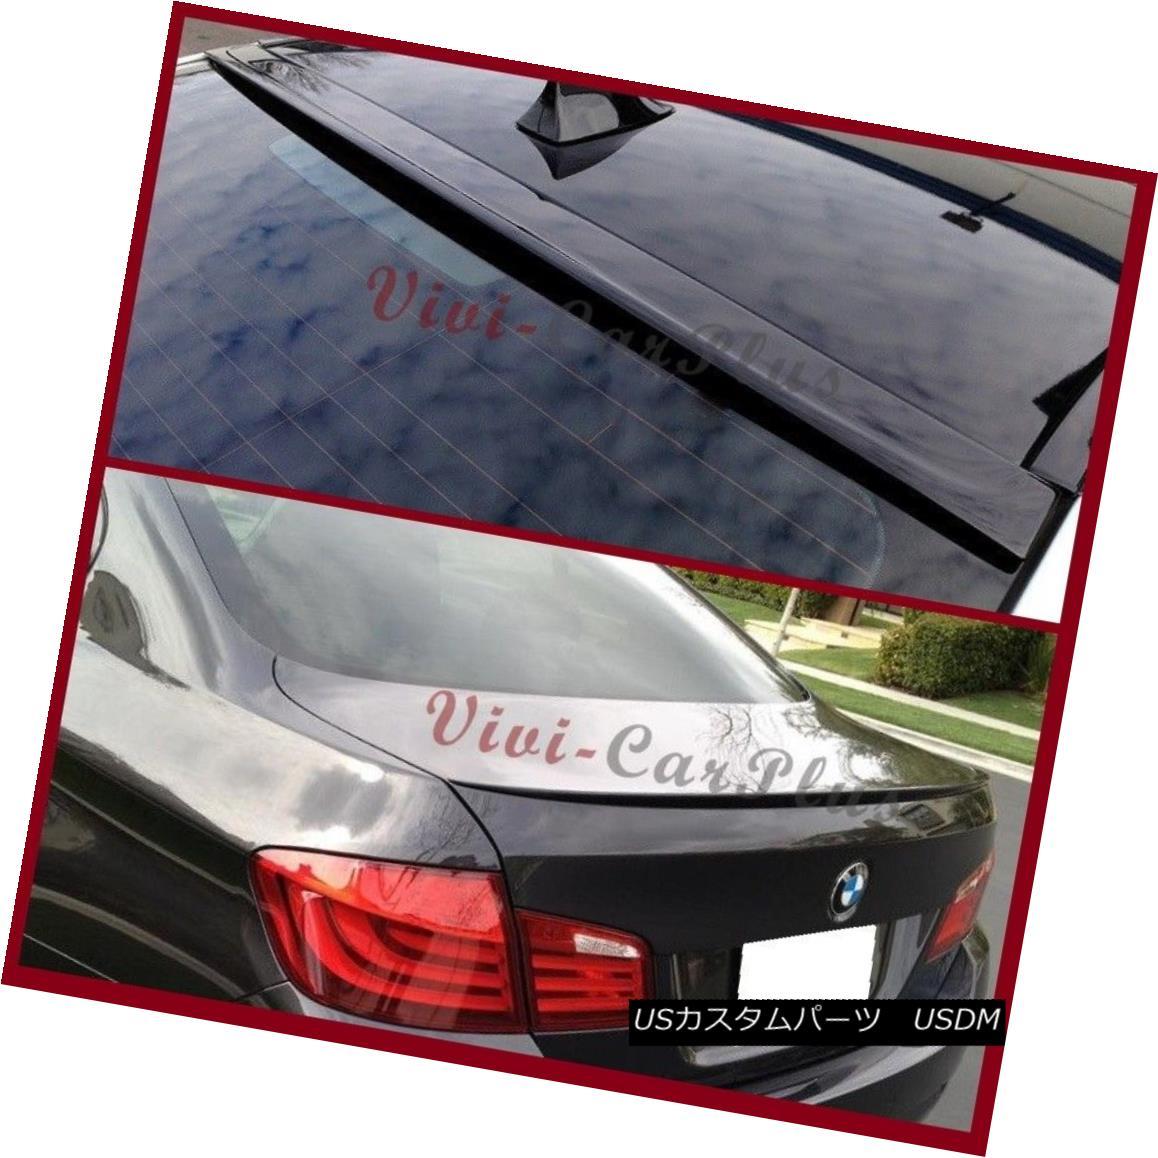 エアロパーツ Pick Color 11-16 BMW F10 4DR 528i 535i 550i 3D Roof Lip + M5 Trunk Spoiler Combo ピックカラー11-16 BMW F10 4DR 528i 535i 550i 3Dルーフリップ+ M5トランクスポイラーコンボ